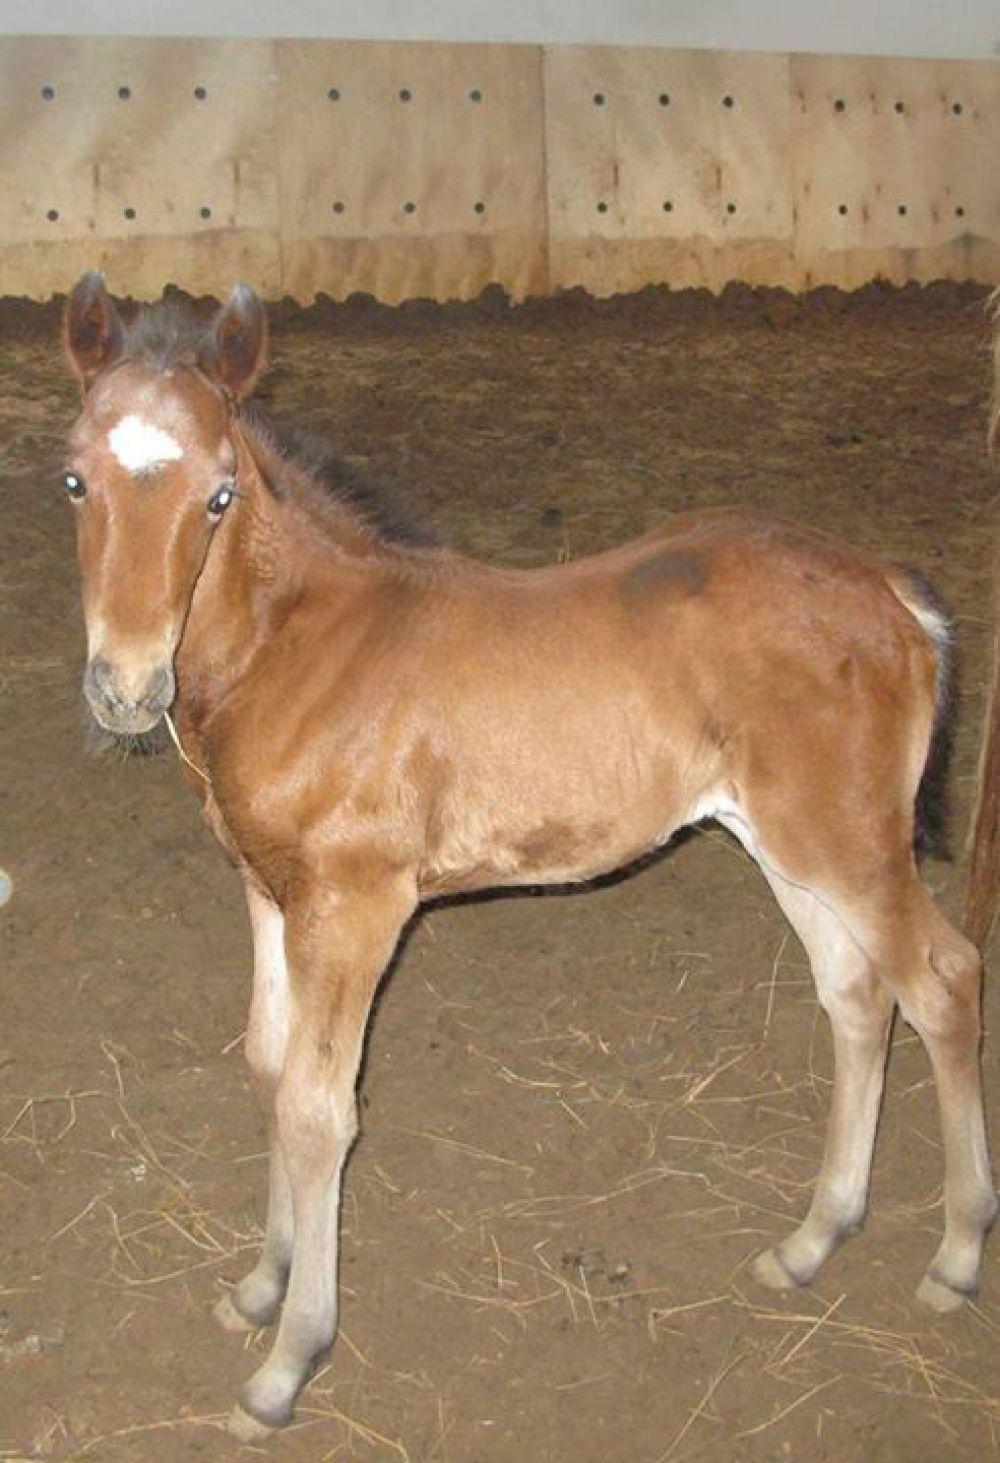 Первый жеребёнок конно-спортивного клуба - Лея, девочка.